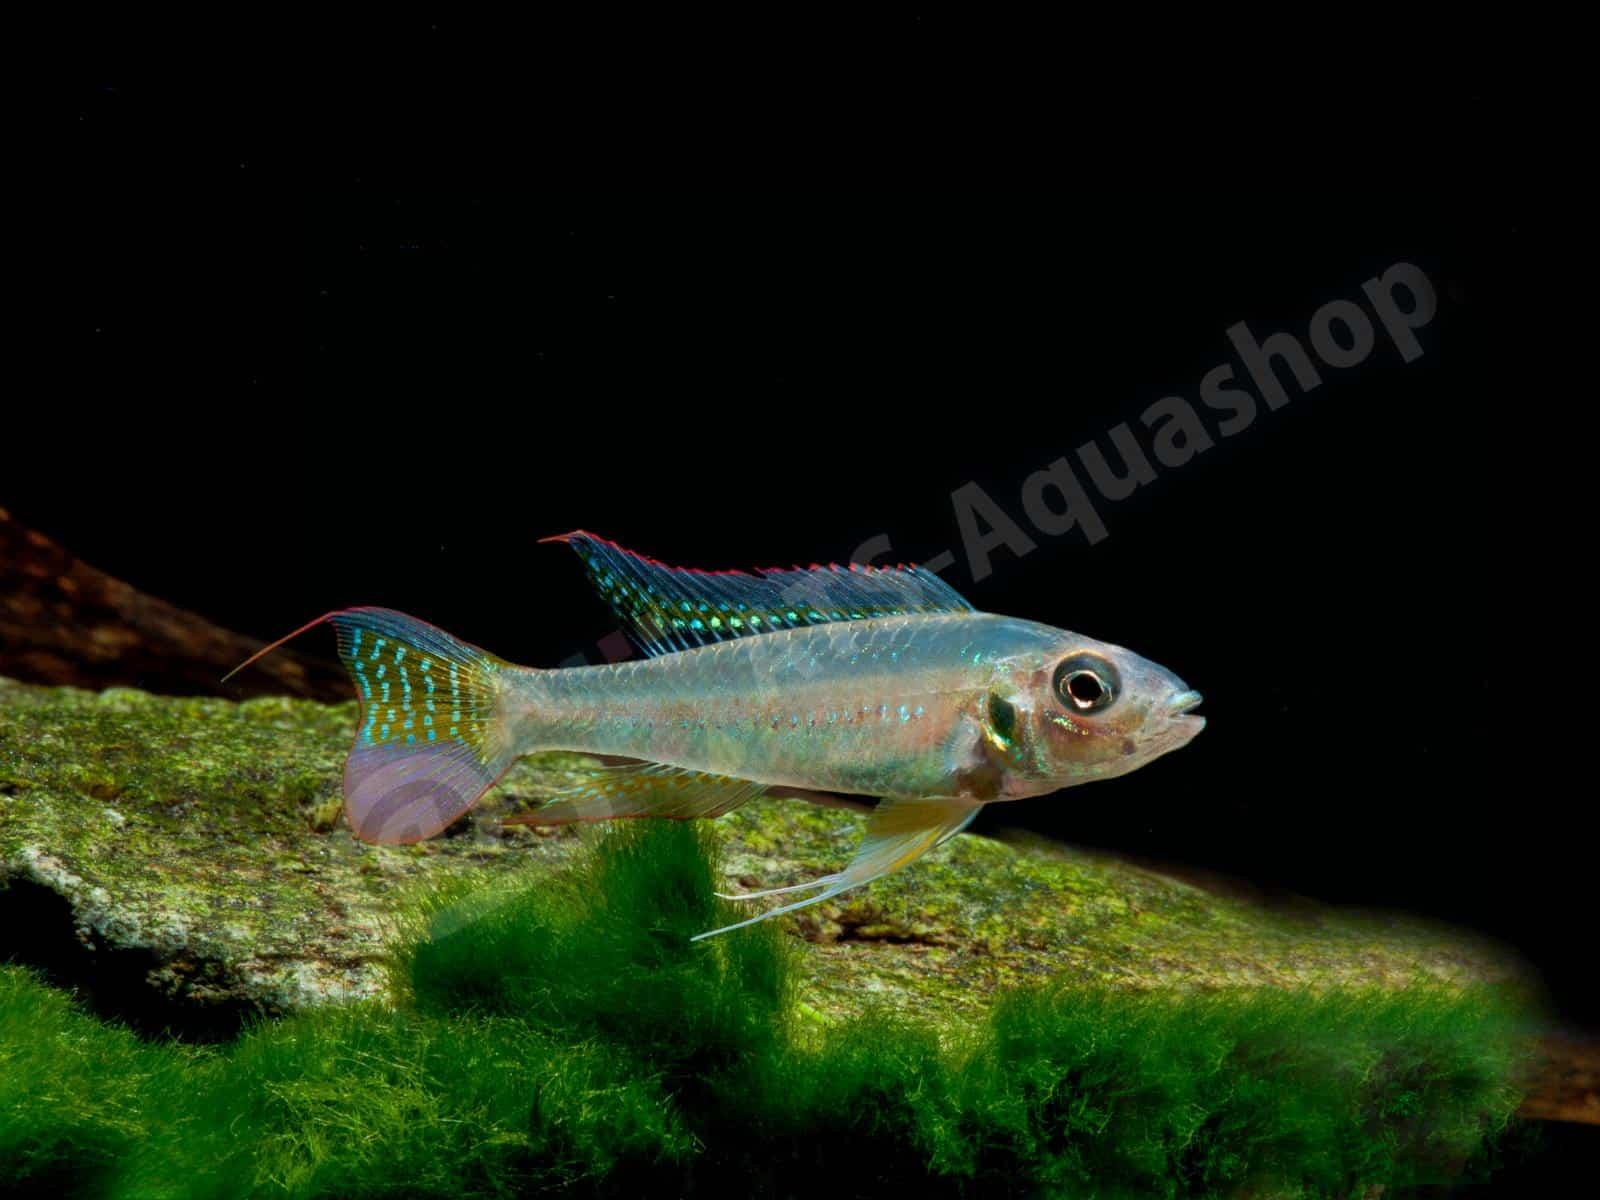 biotoecus opercularis enrico richter 0208 8